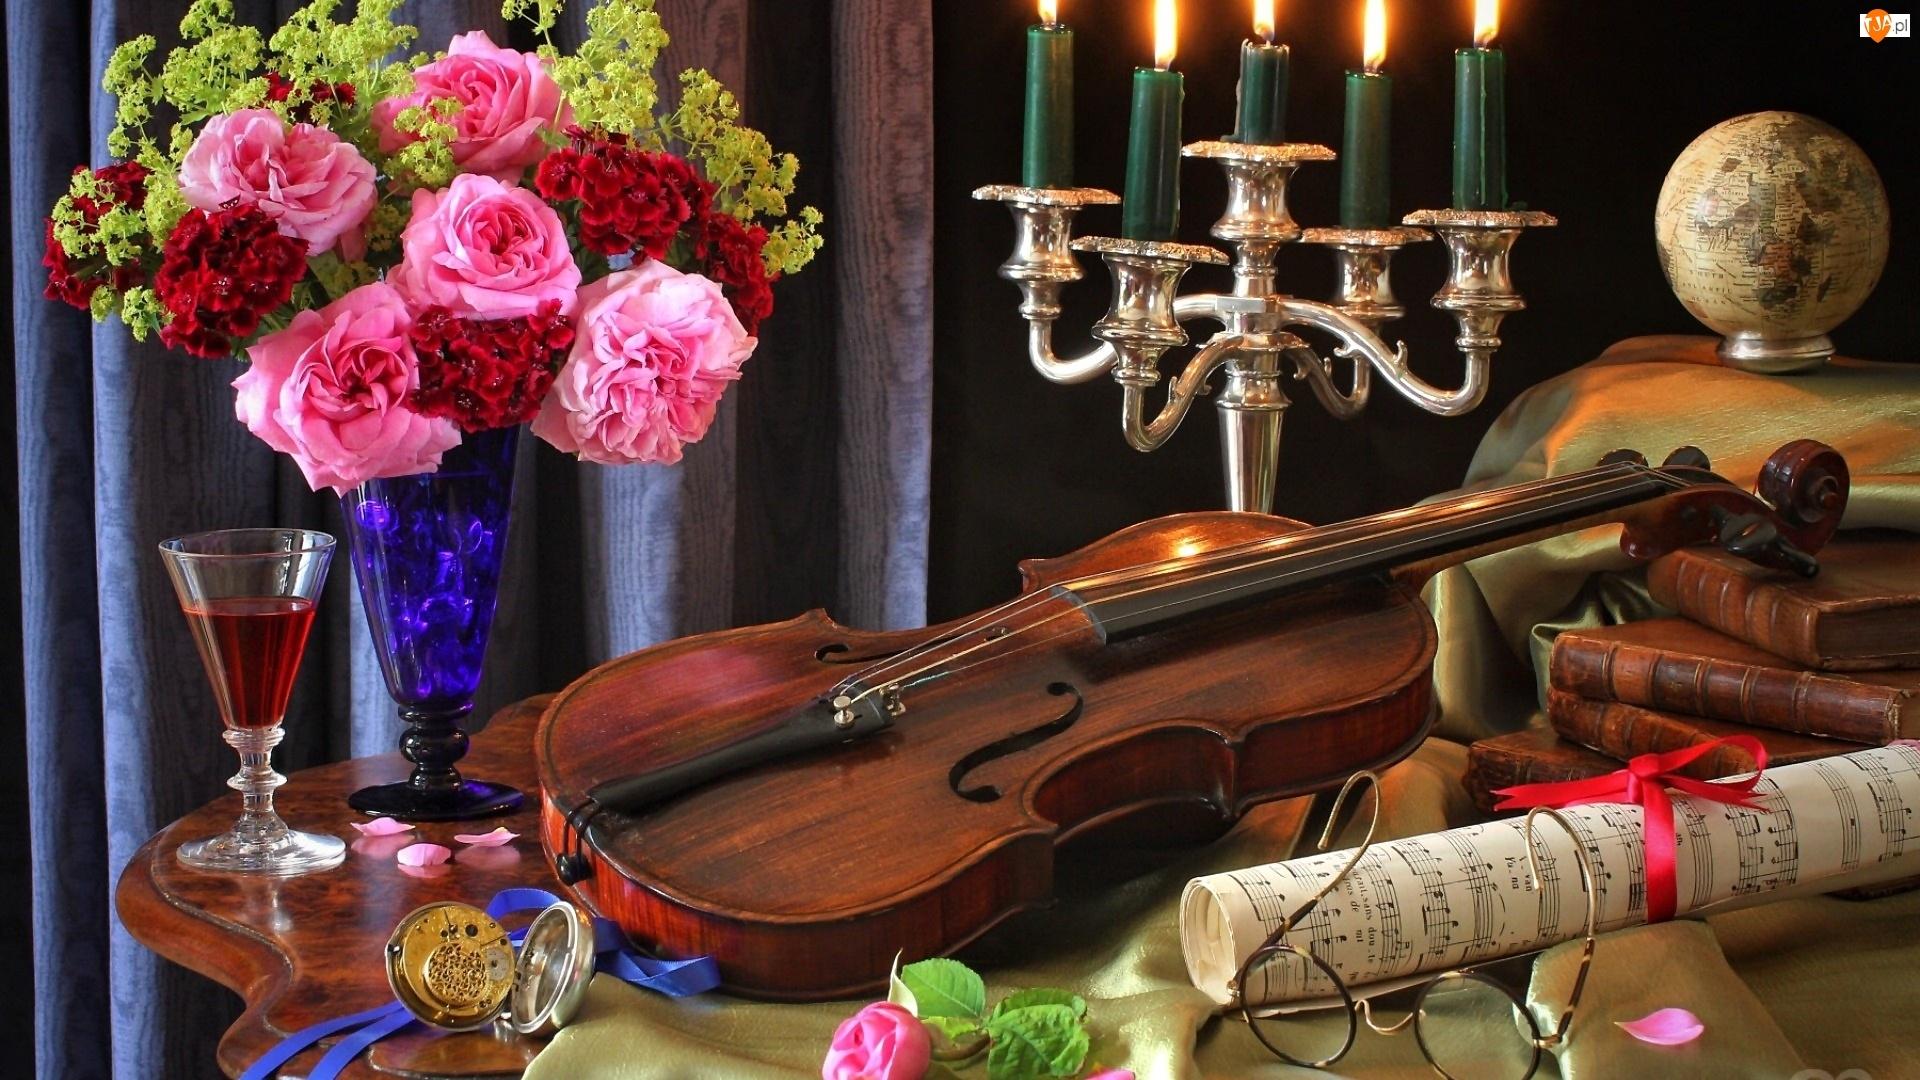 Kwiaty, Świecznik, Skrzypce, Nuty, Bukiet, Róże